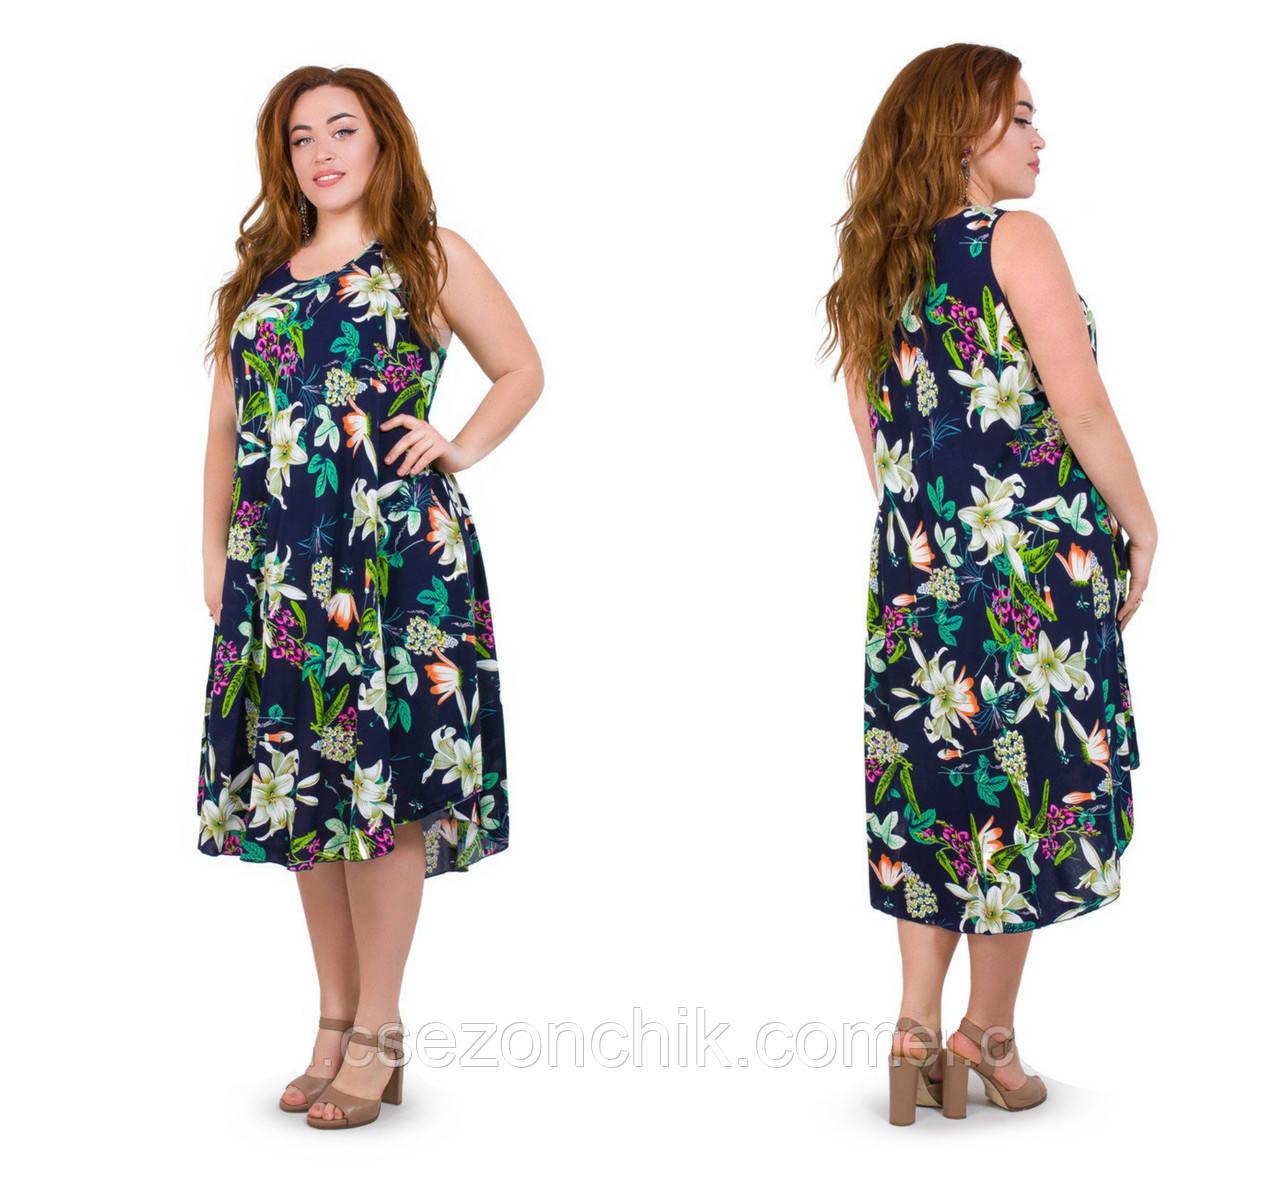 546b87dfe18 Недорогие летние женские платья   продажа